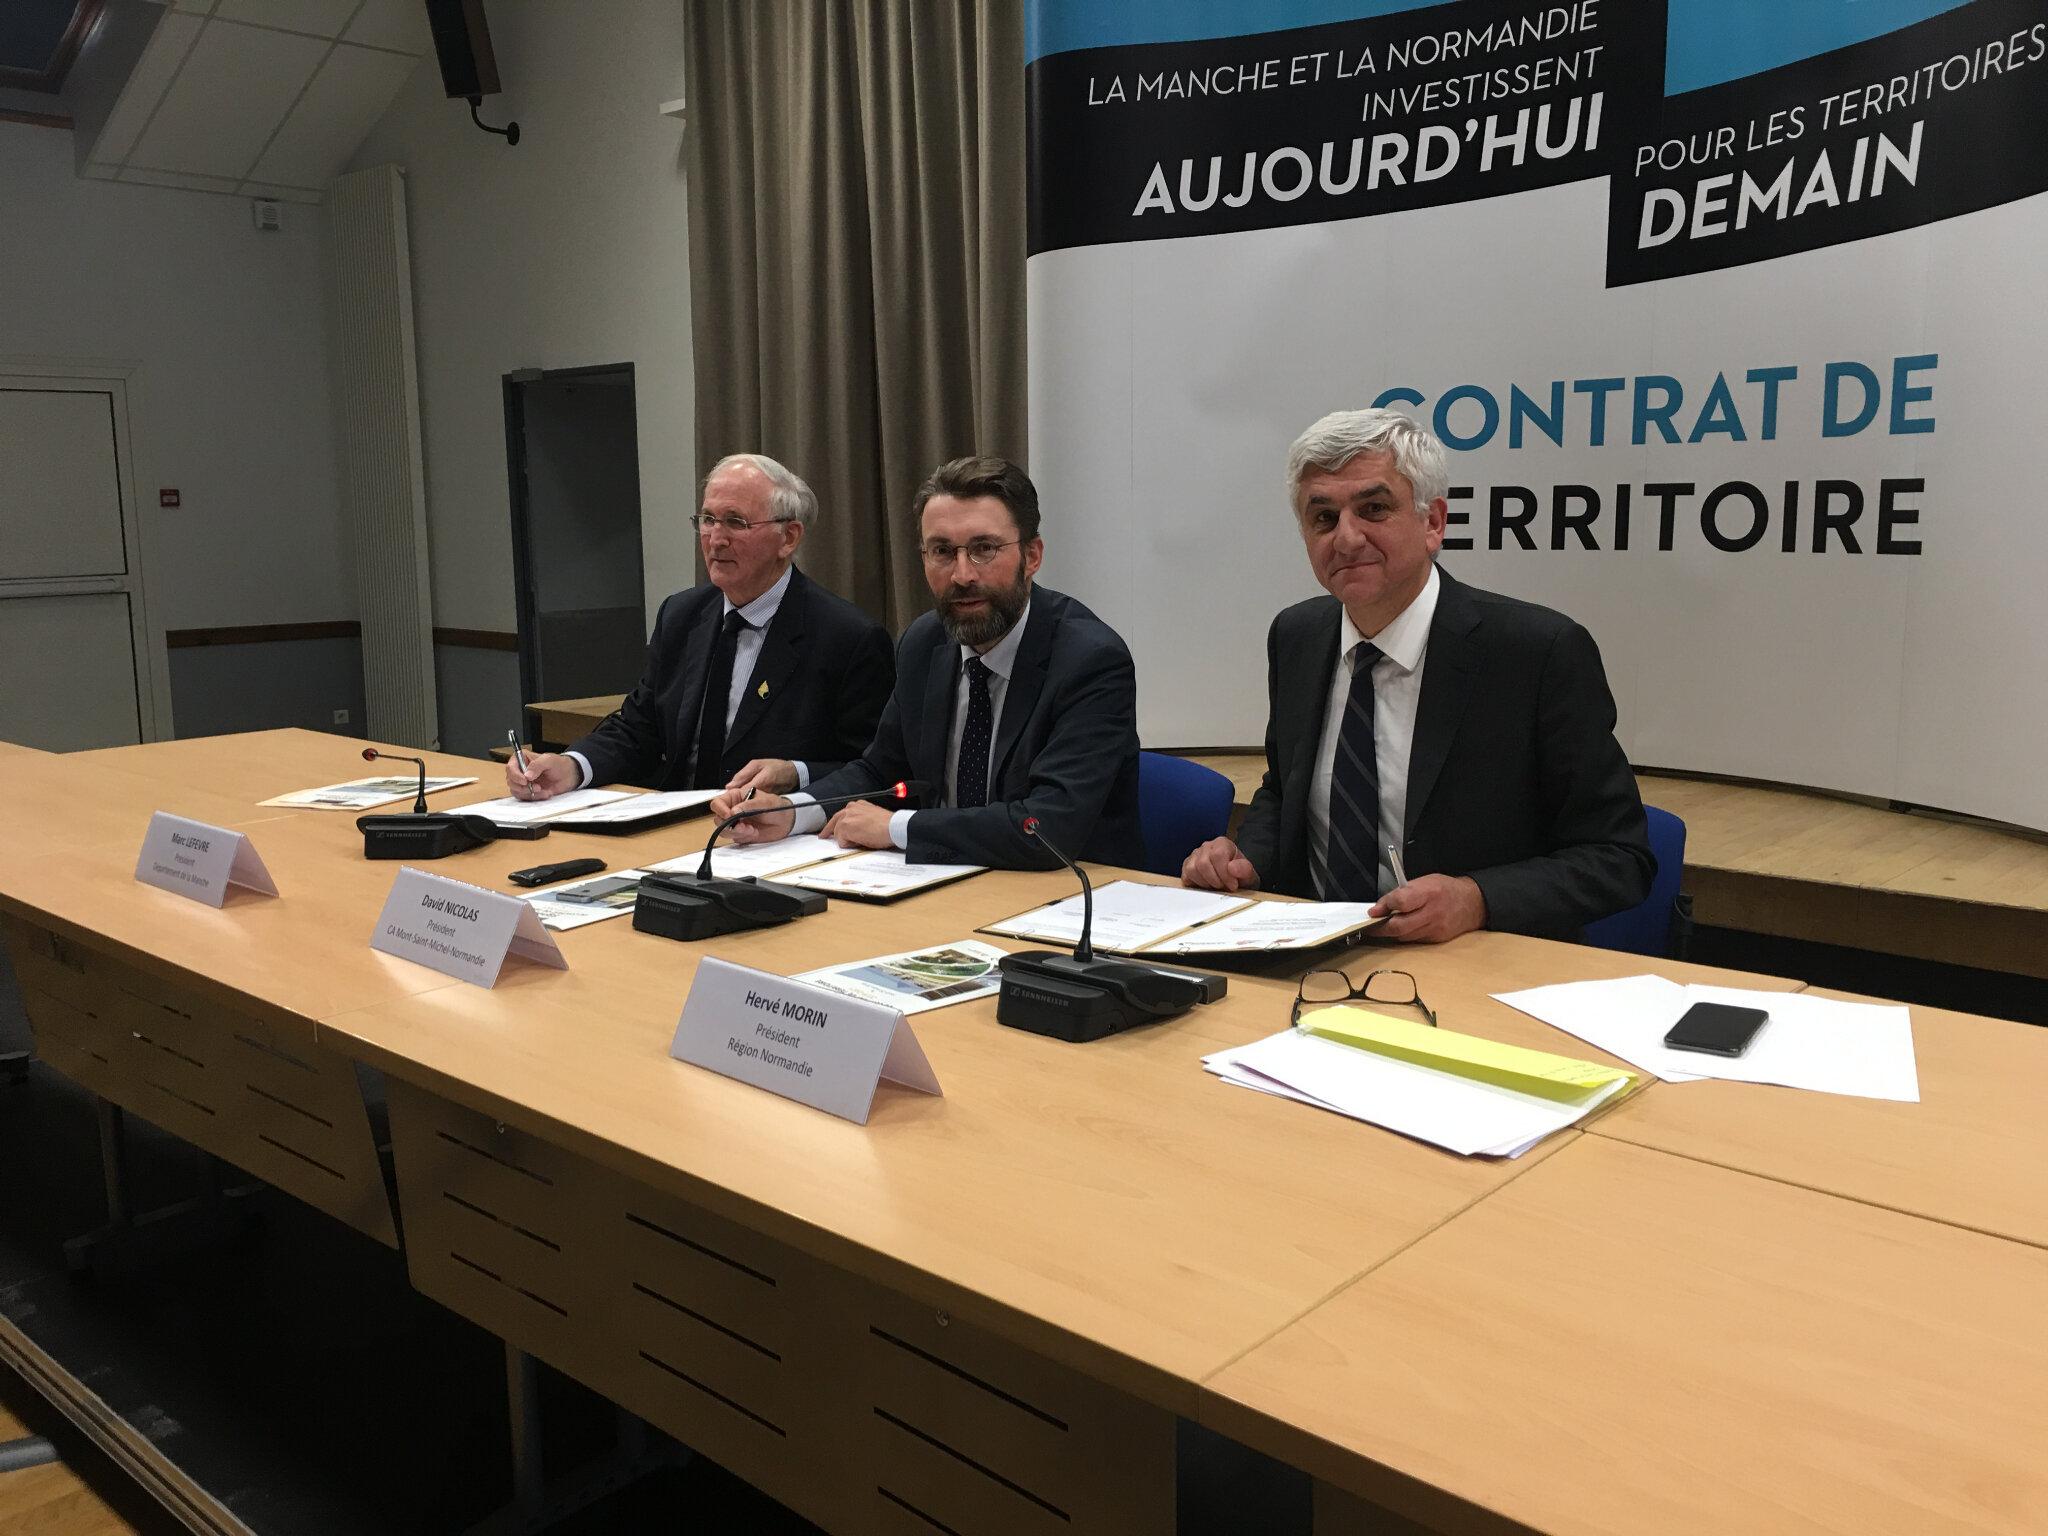 contrat de territoire (2019-2021) signé entre l'Agglo, le département de la Manche et la région Normandie - jeudi 28 mars 2019